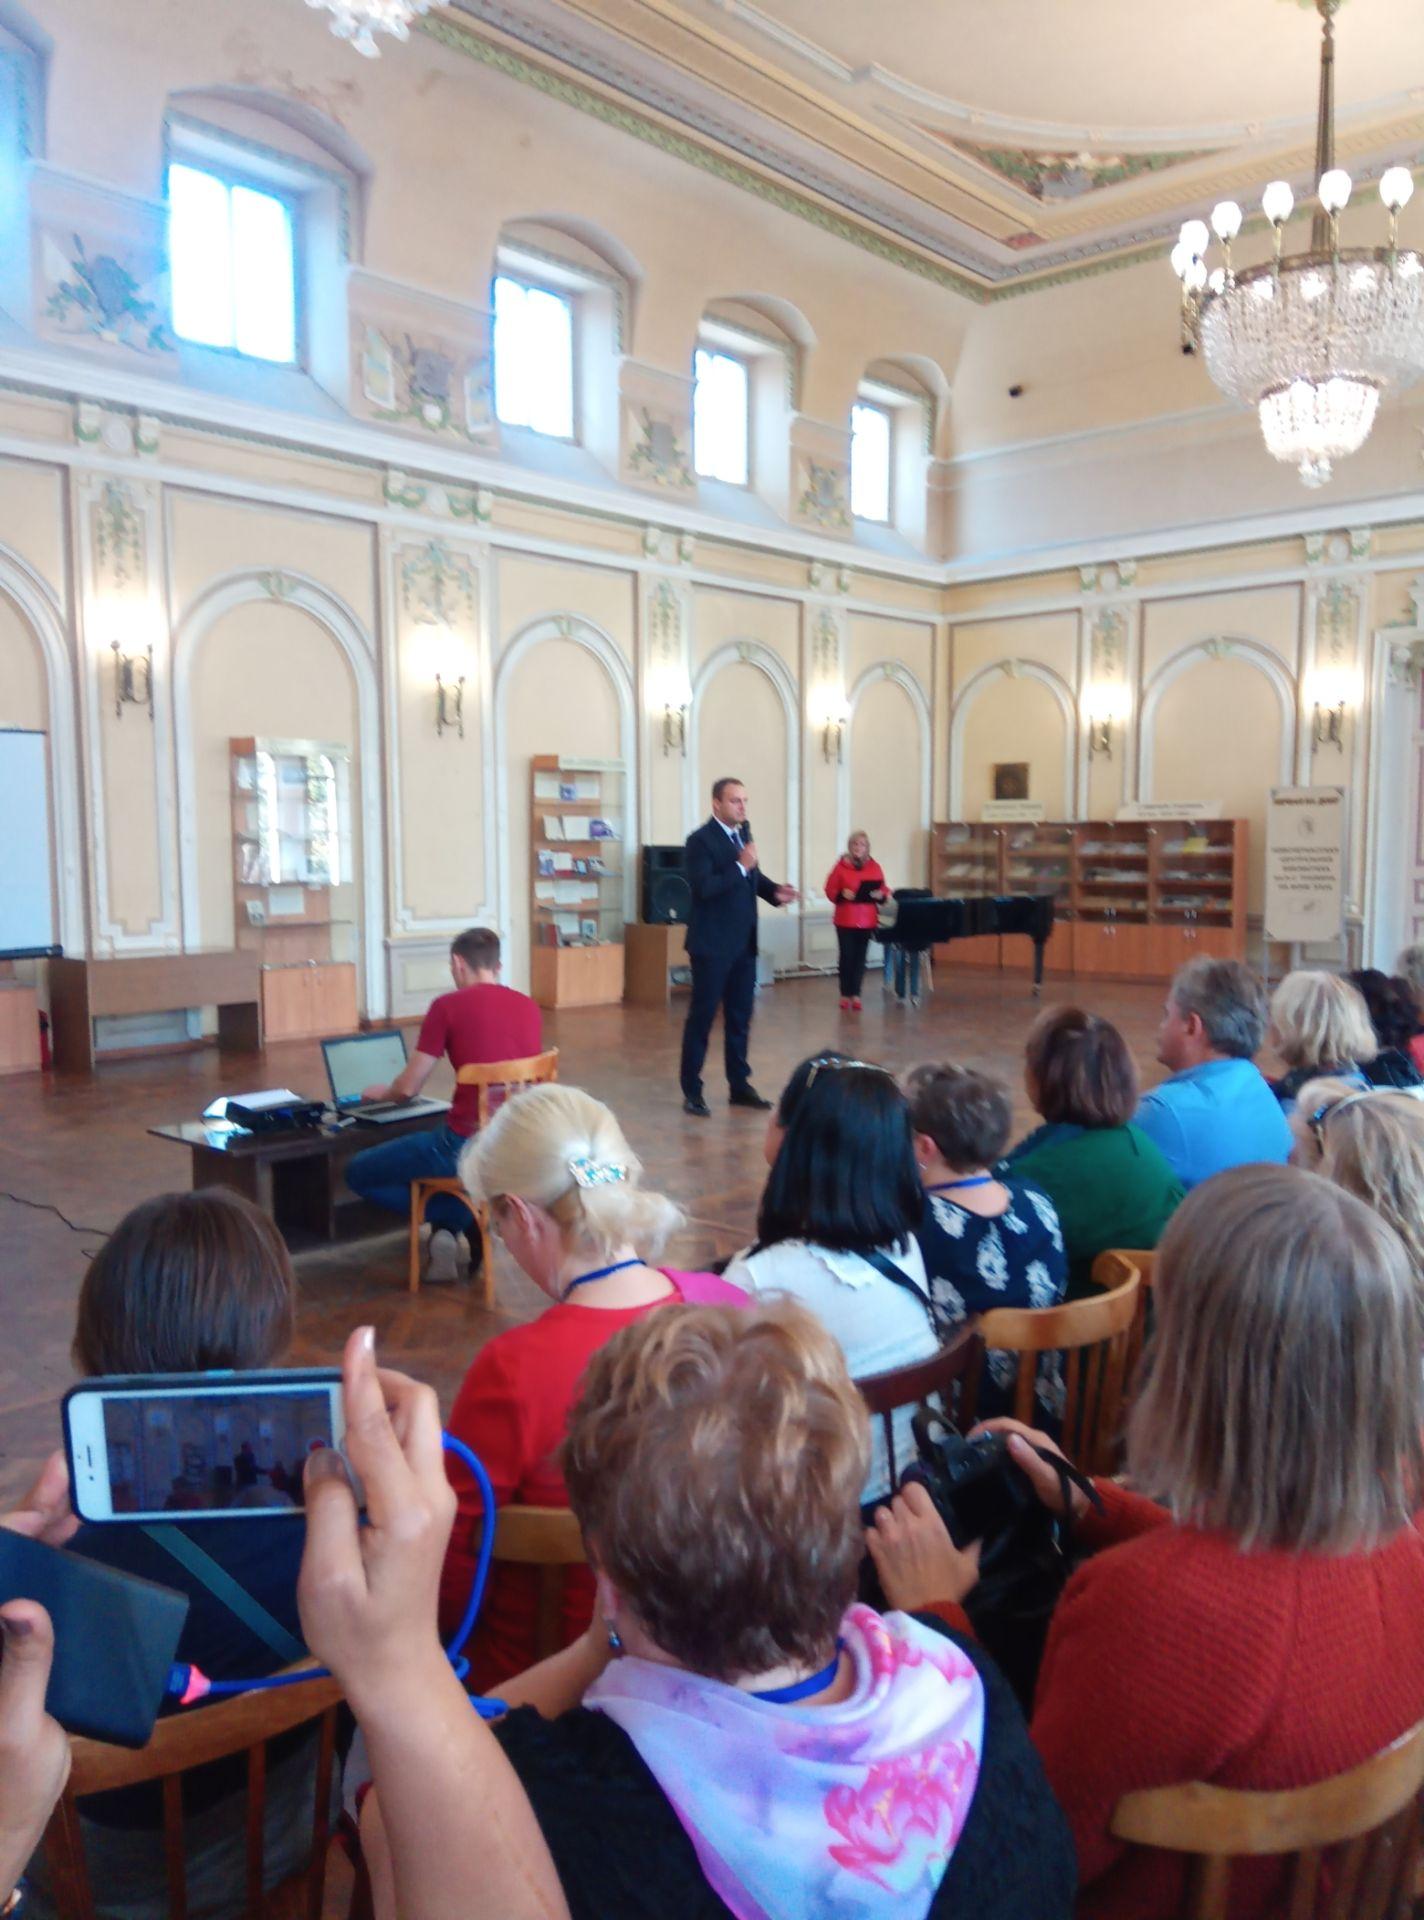 3 октября Новочеркасская библиотека принимала участников Международного конгресса волонтеров культуры и медиа